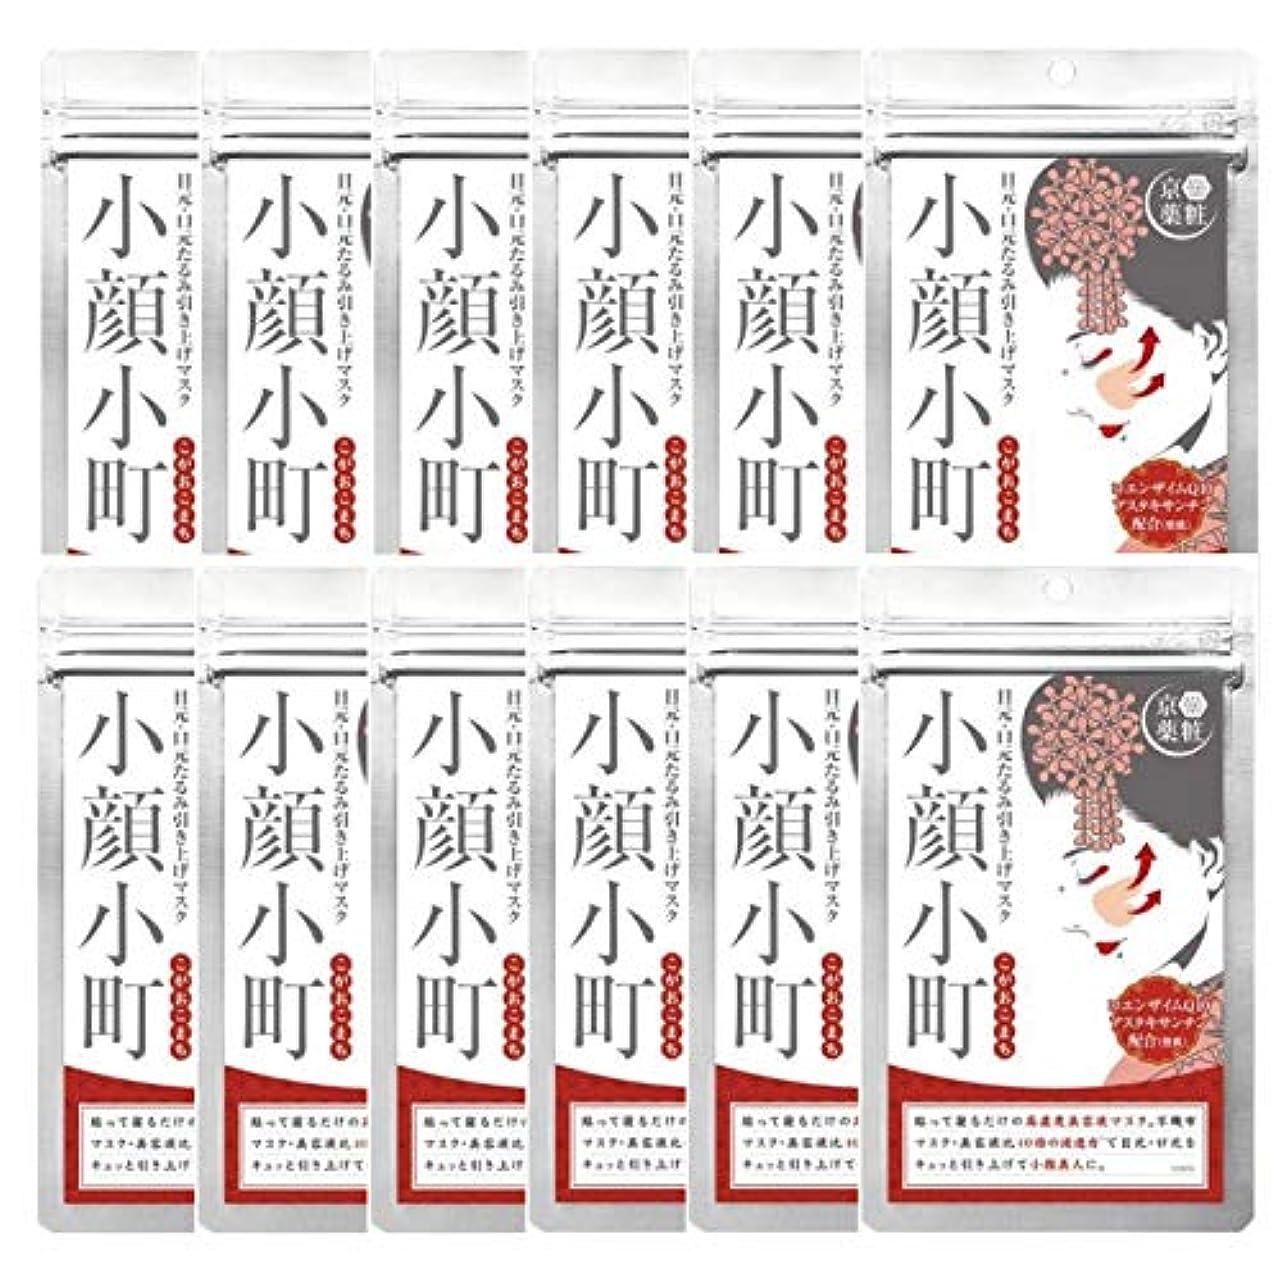 神学校会う従順京薬粧 小顔小町 リフトアップマスク ×12セット